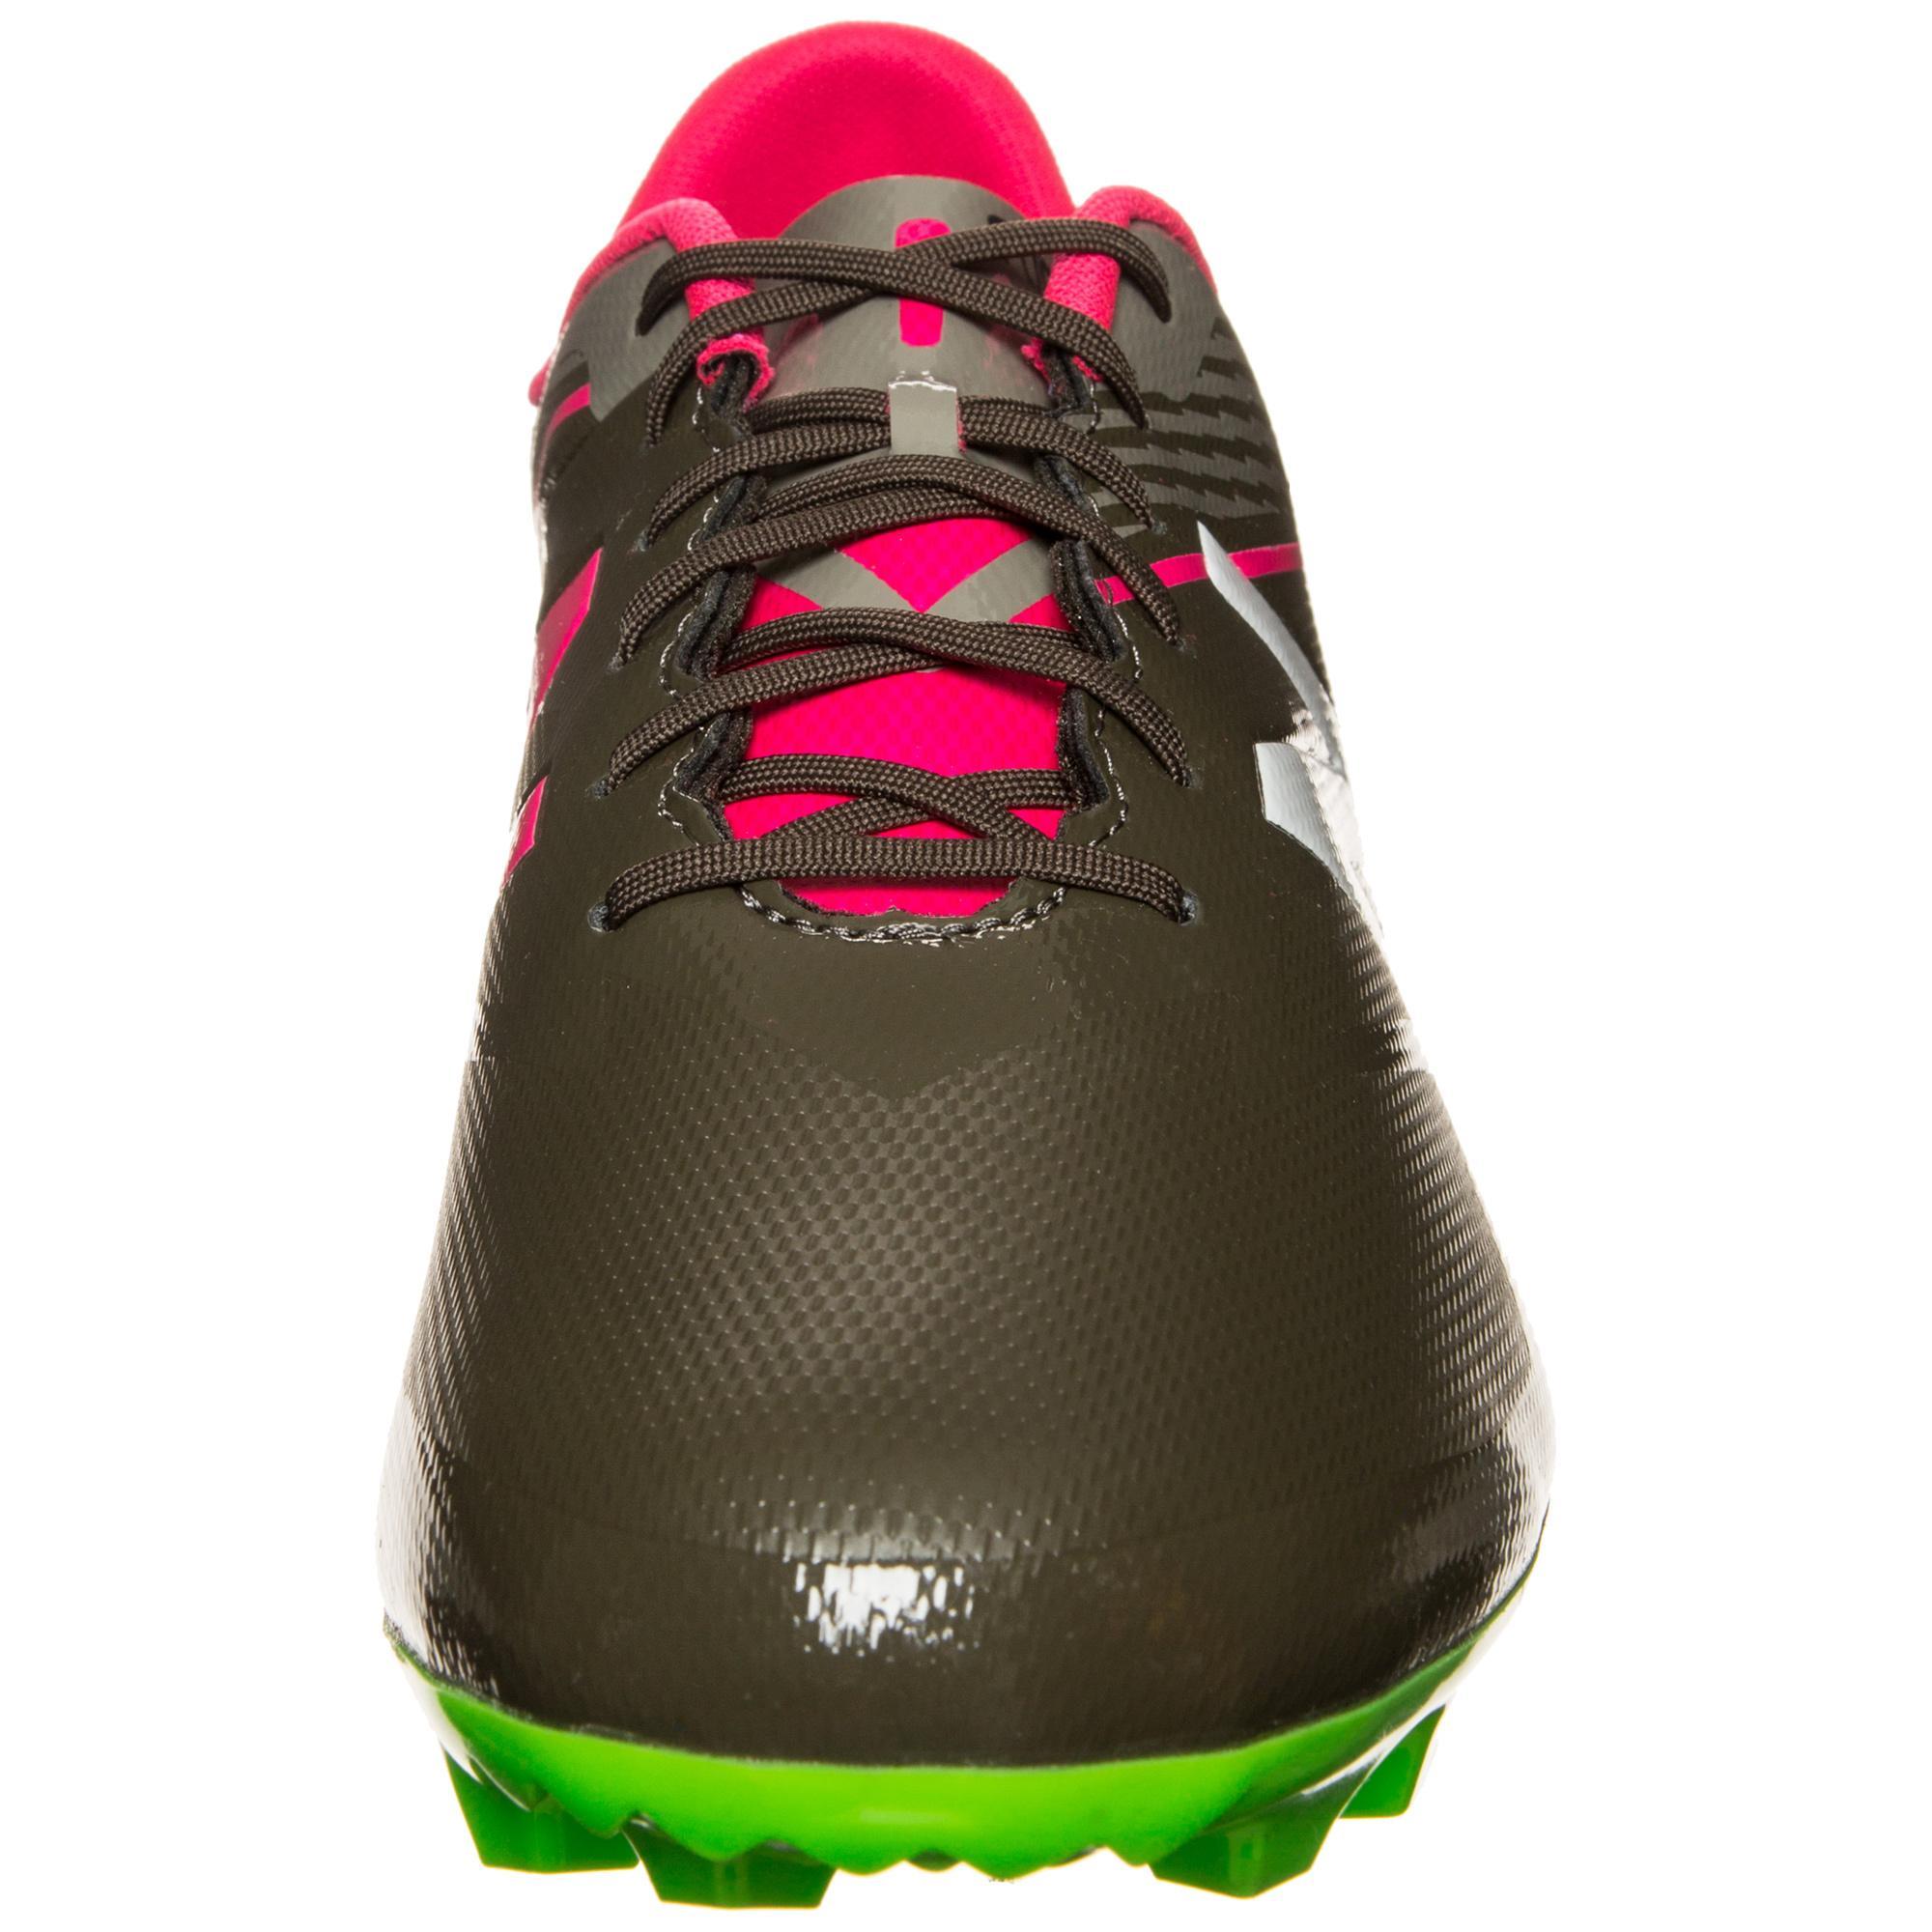 NEW NEW NEW BALANCE Furon 3.0 Dispatch Fußballschuhe Herren oliv   Rosa   grün im Online Shop von SportScheck kaufen Gute Qualität beliebte Schuhe b0df19